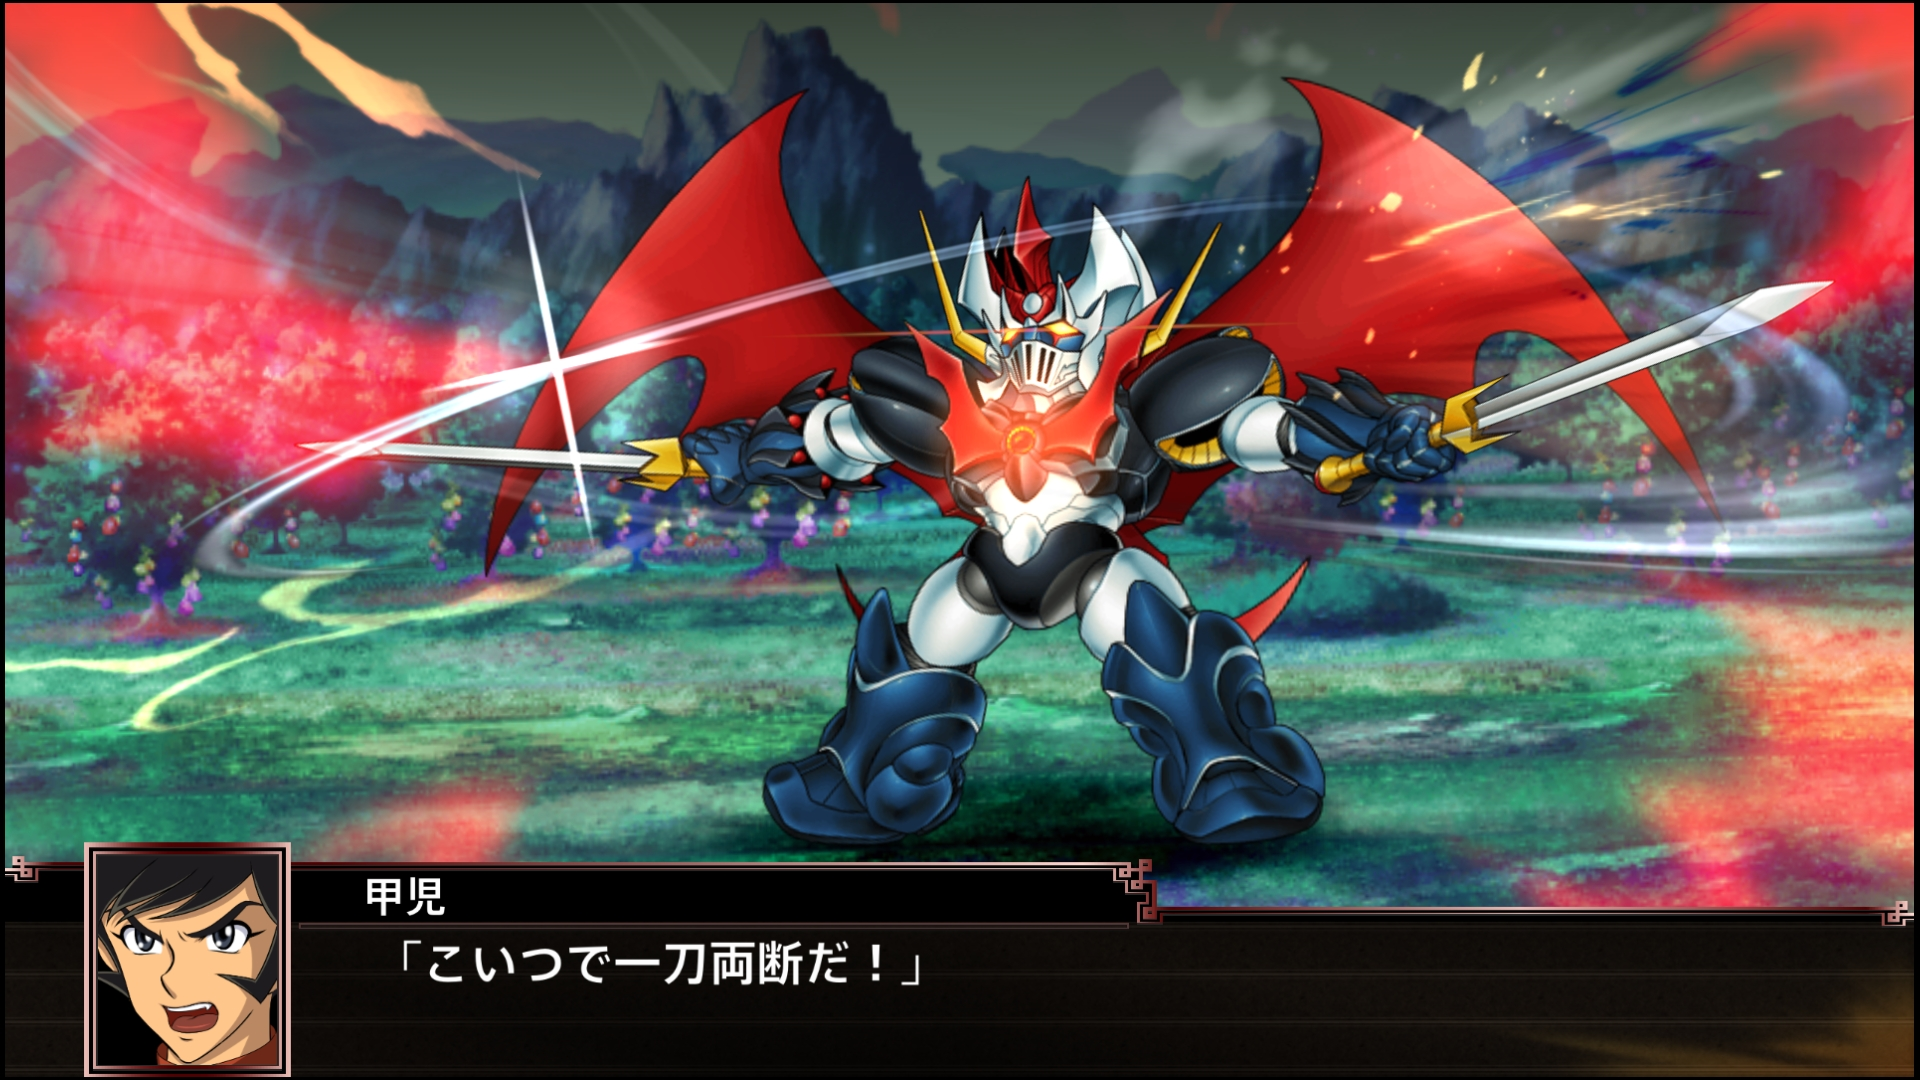 スーパーロボット大戦Xの画像 p1_33